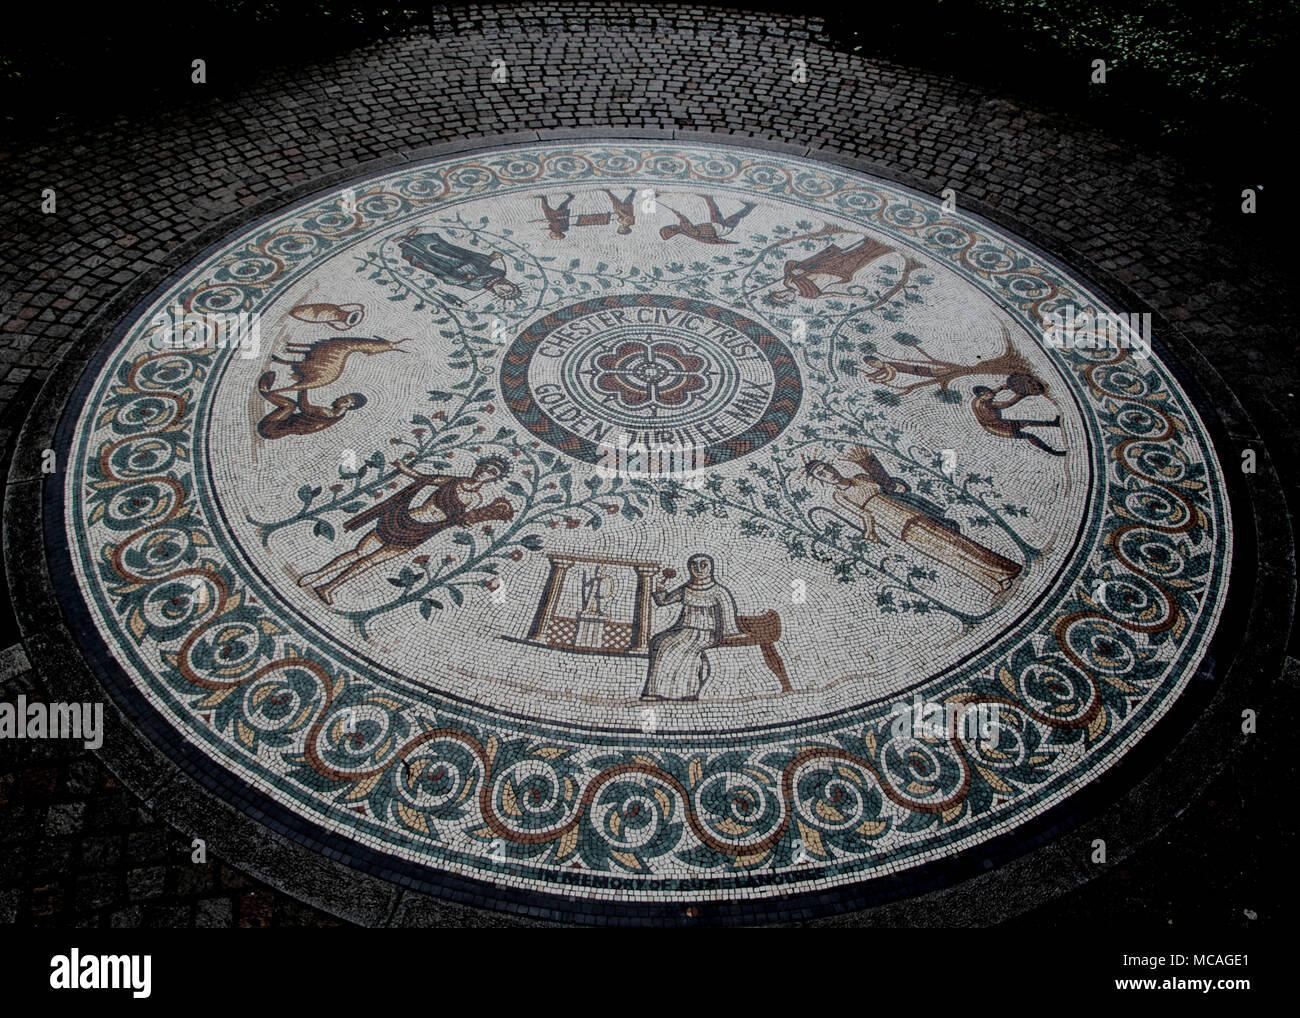 Chester Roman garden mosaic - Stock Image